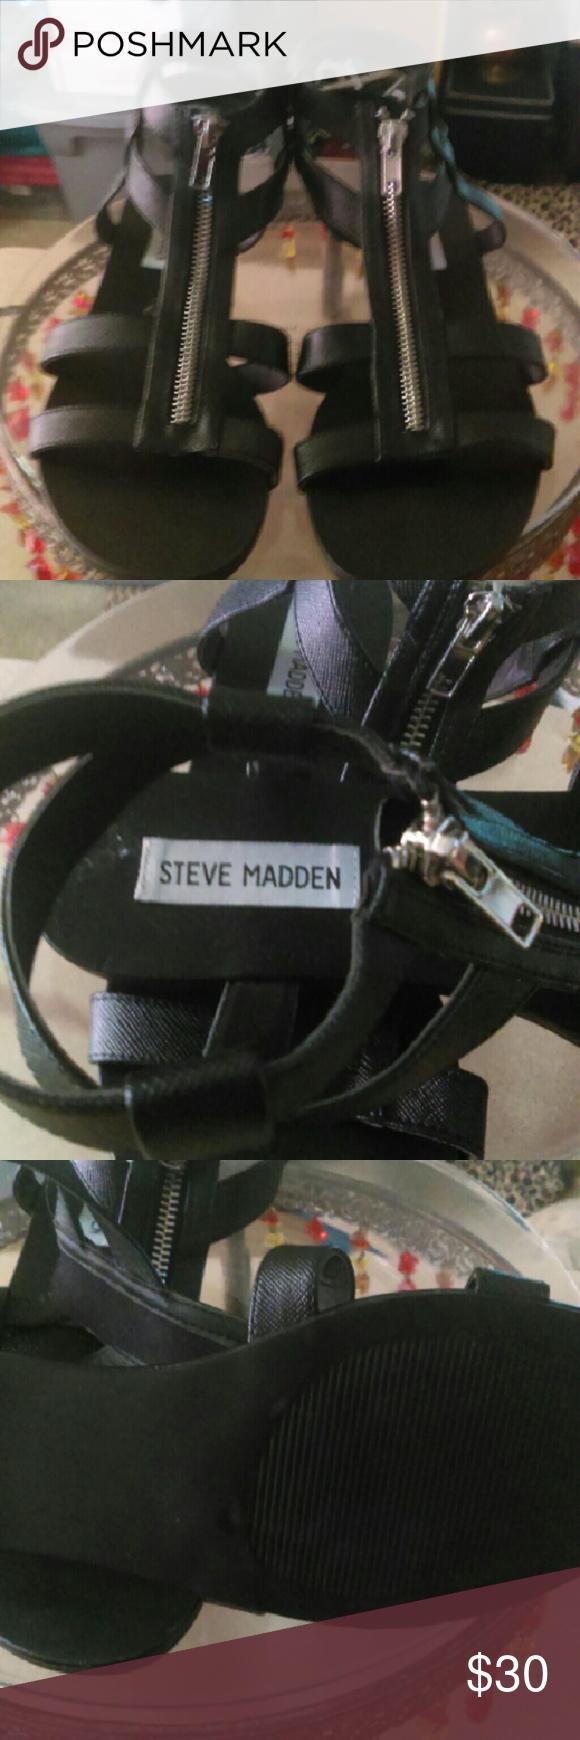 Steve Madden sandals NWOT.  Black zip front sandals!   Super Cute! Steve Madden Shoes Sandals